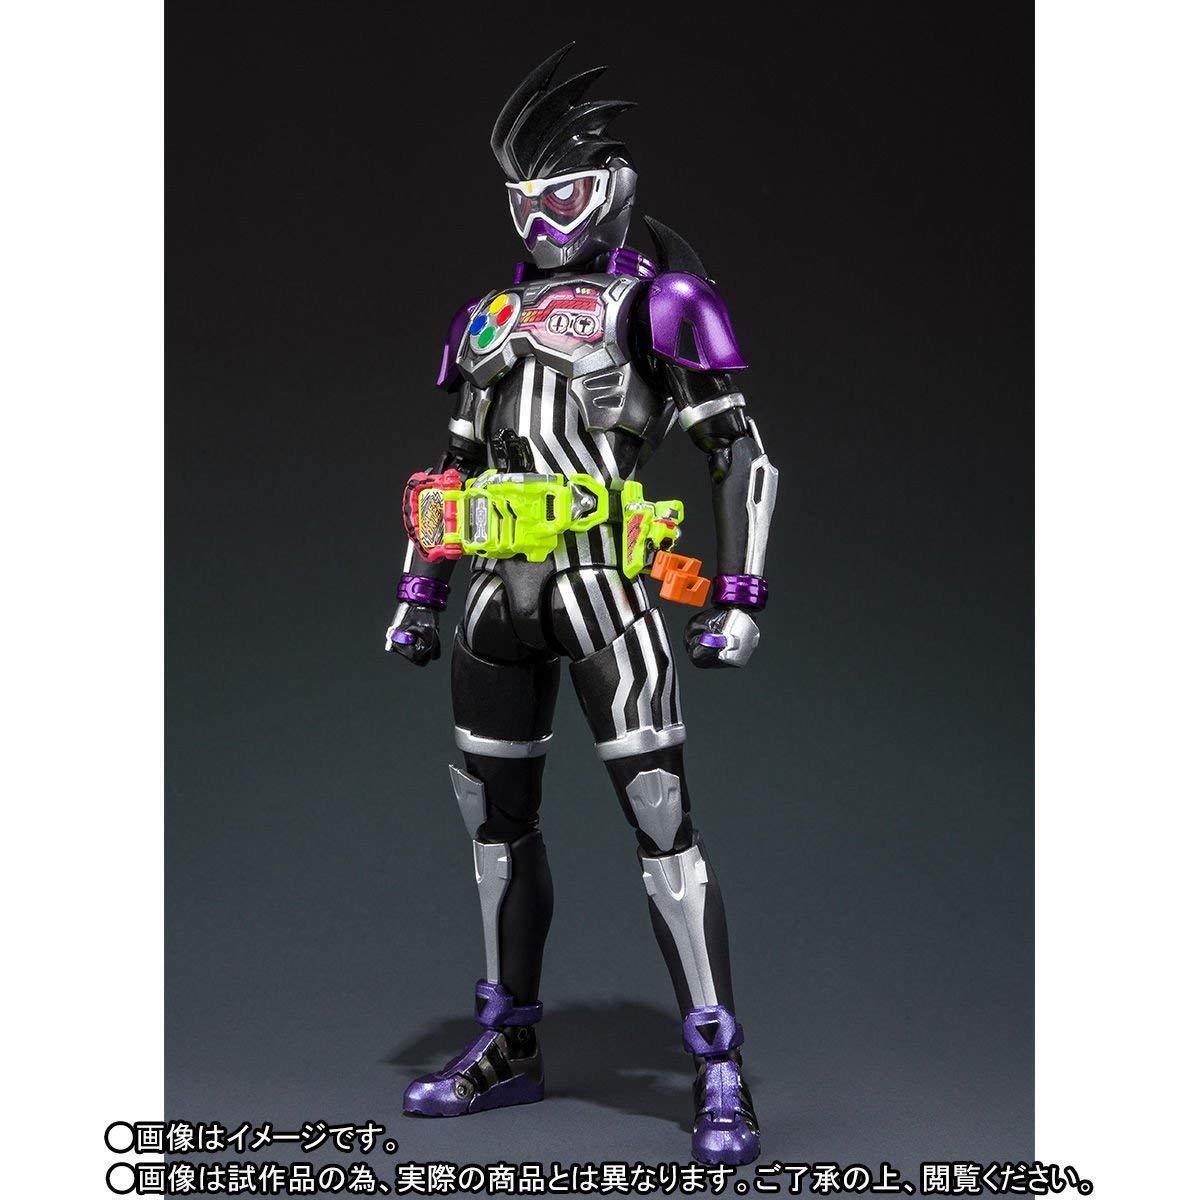 Bandai S.H. Figuarts enmasCocheado Kamen Rider genm acción jugador de nivel 0 Figura De Acción